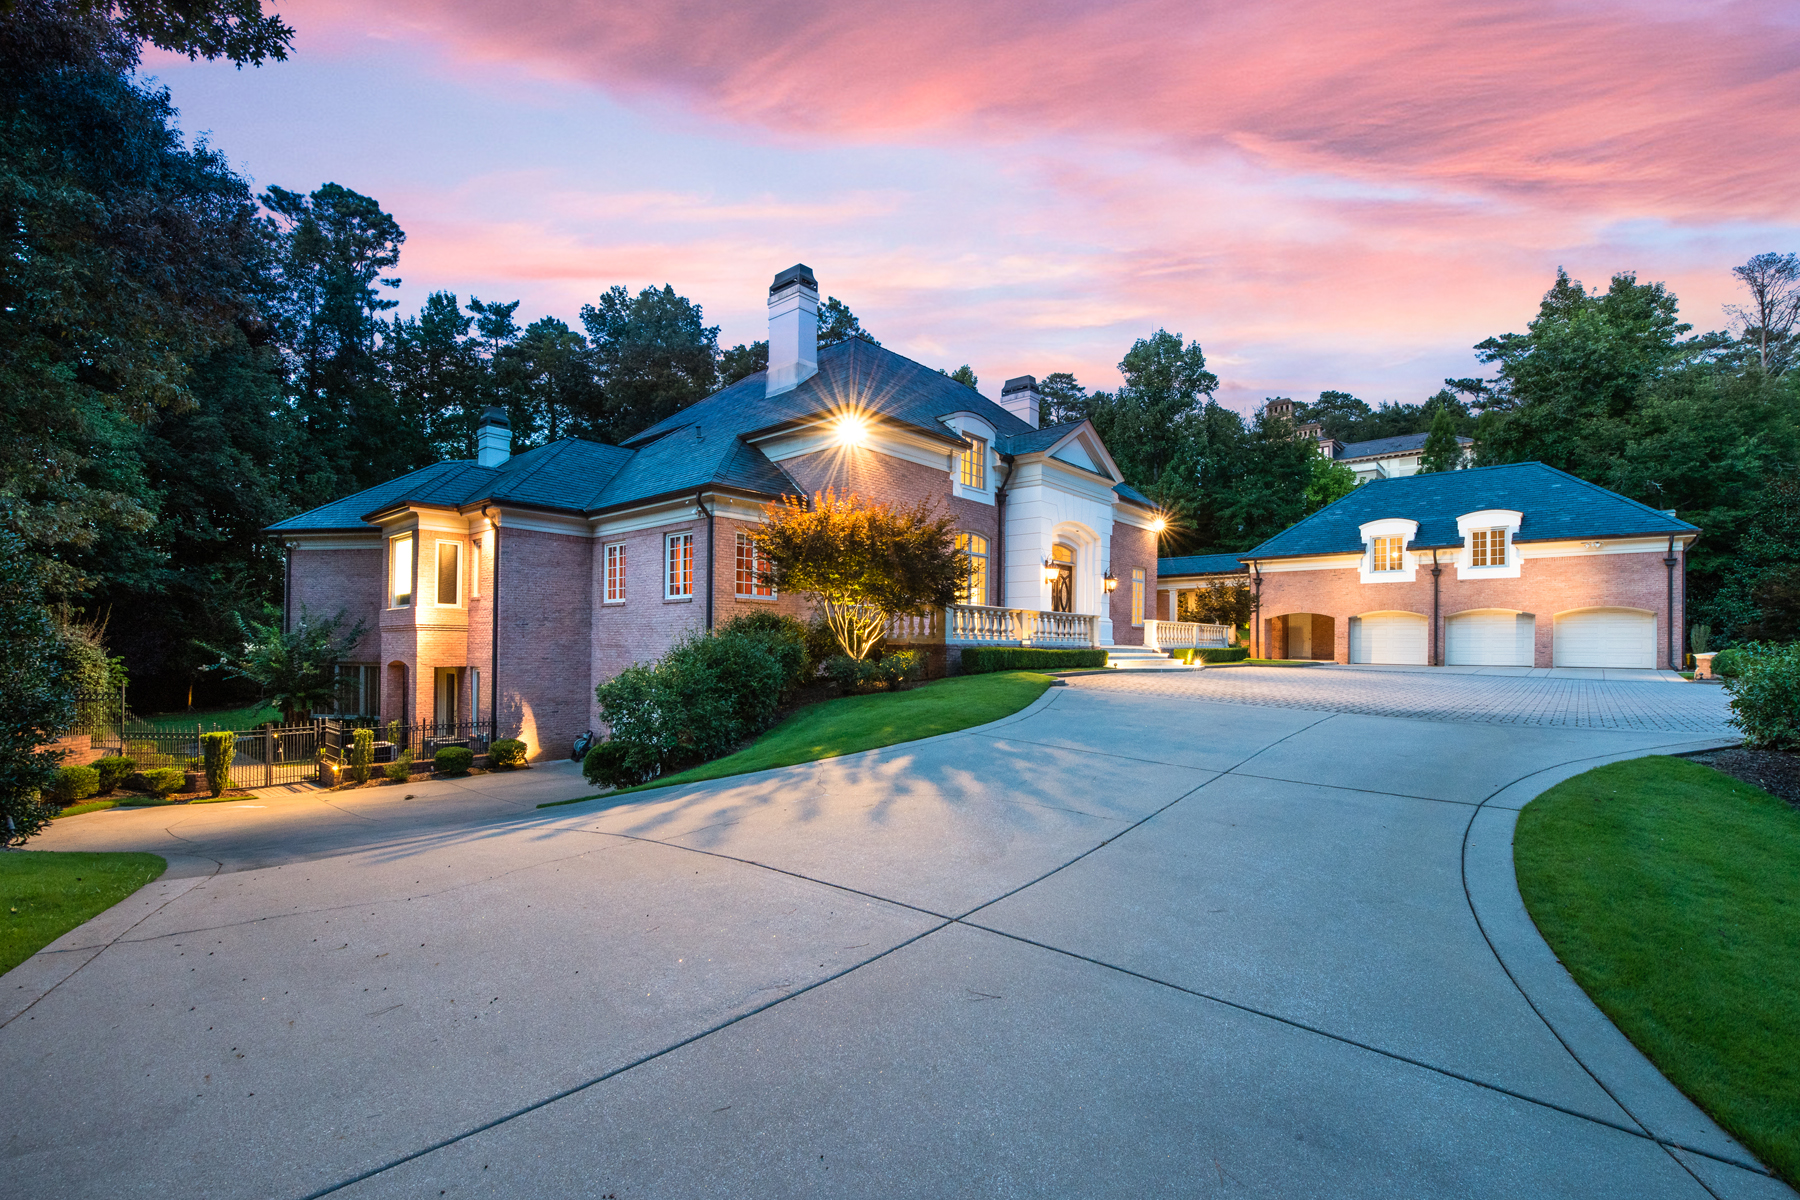 Частный односемейный дом для того Продажа на Sophisticated Elegance 997 Davis Drive Atlanta, Джорджия 30327 Соединенные Штаты